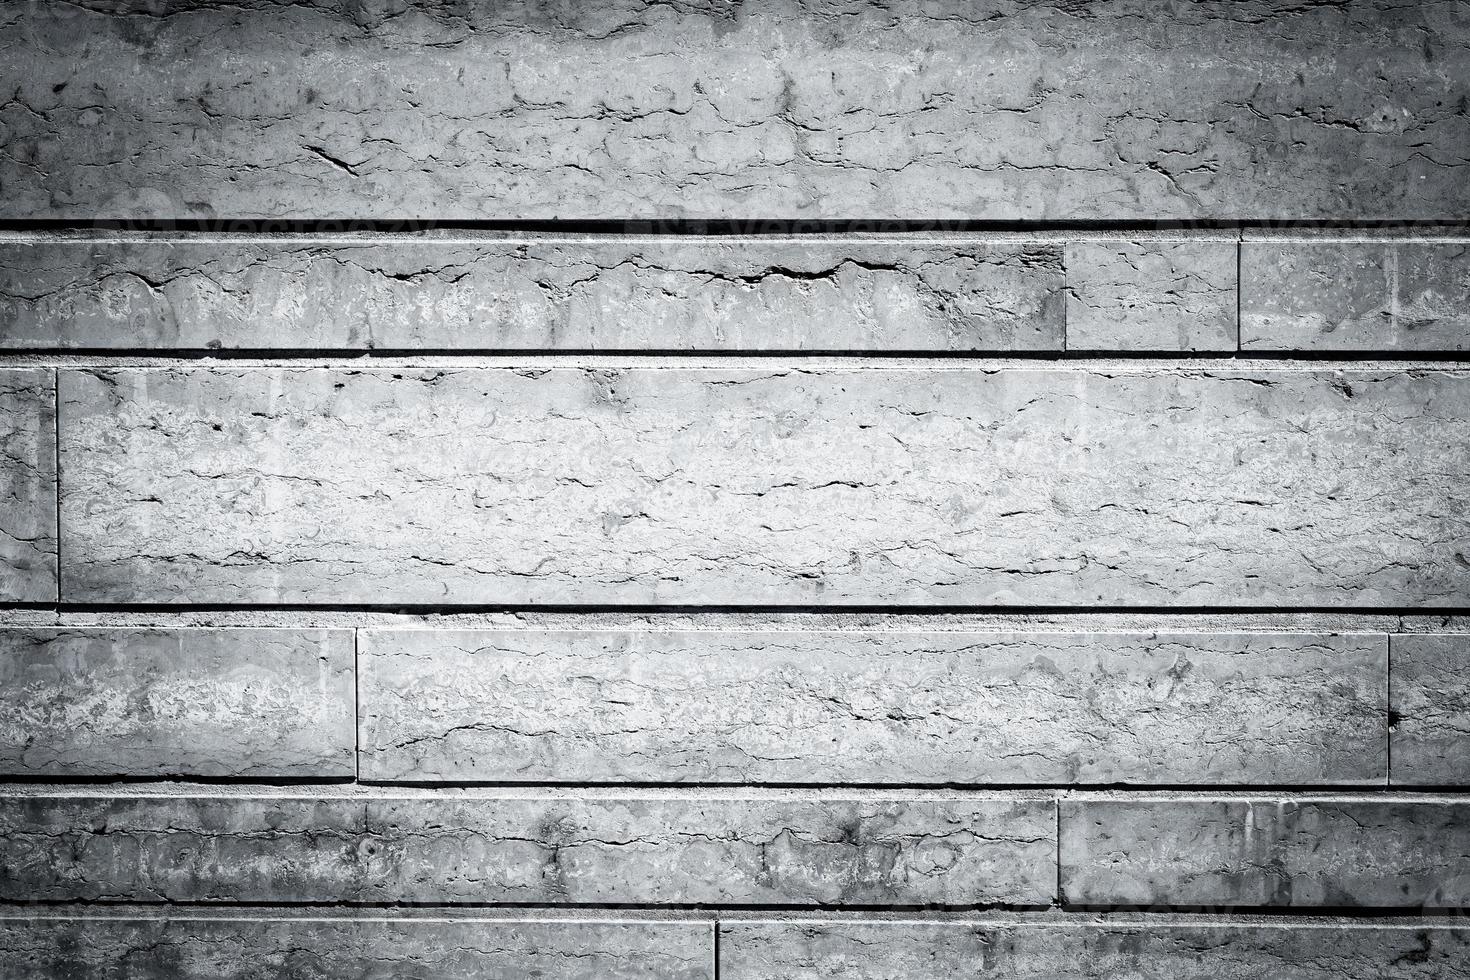 textura de la pared de piedra gris foto